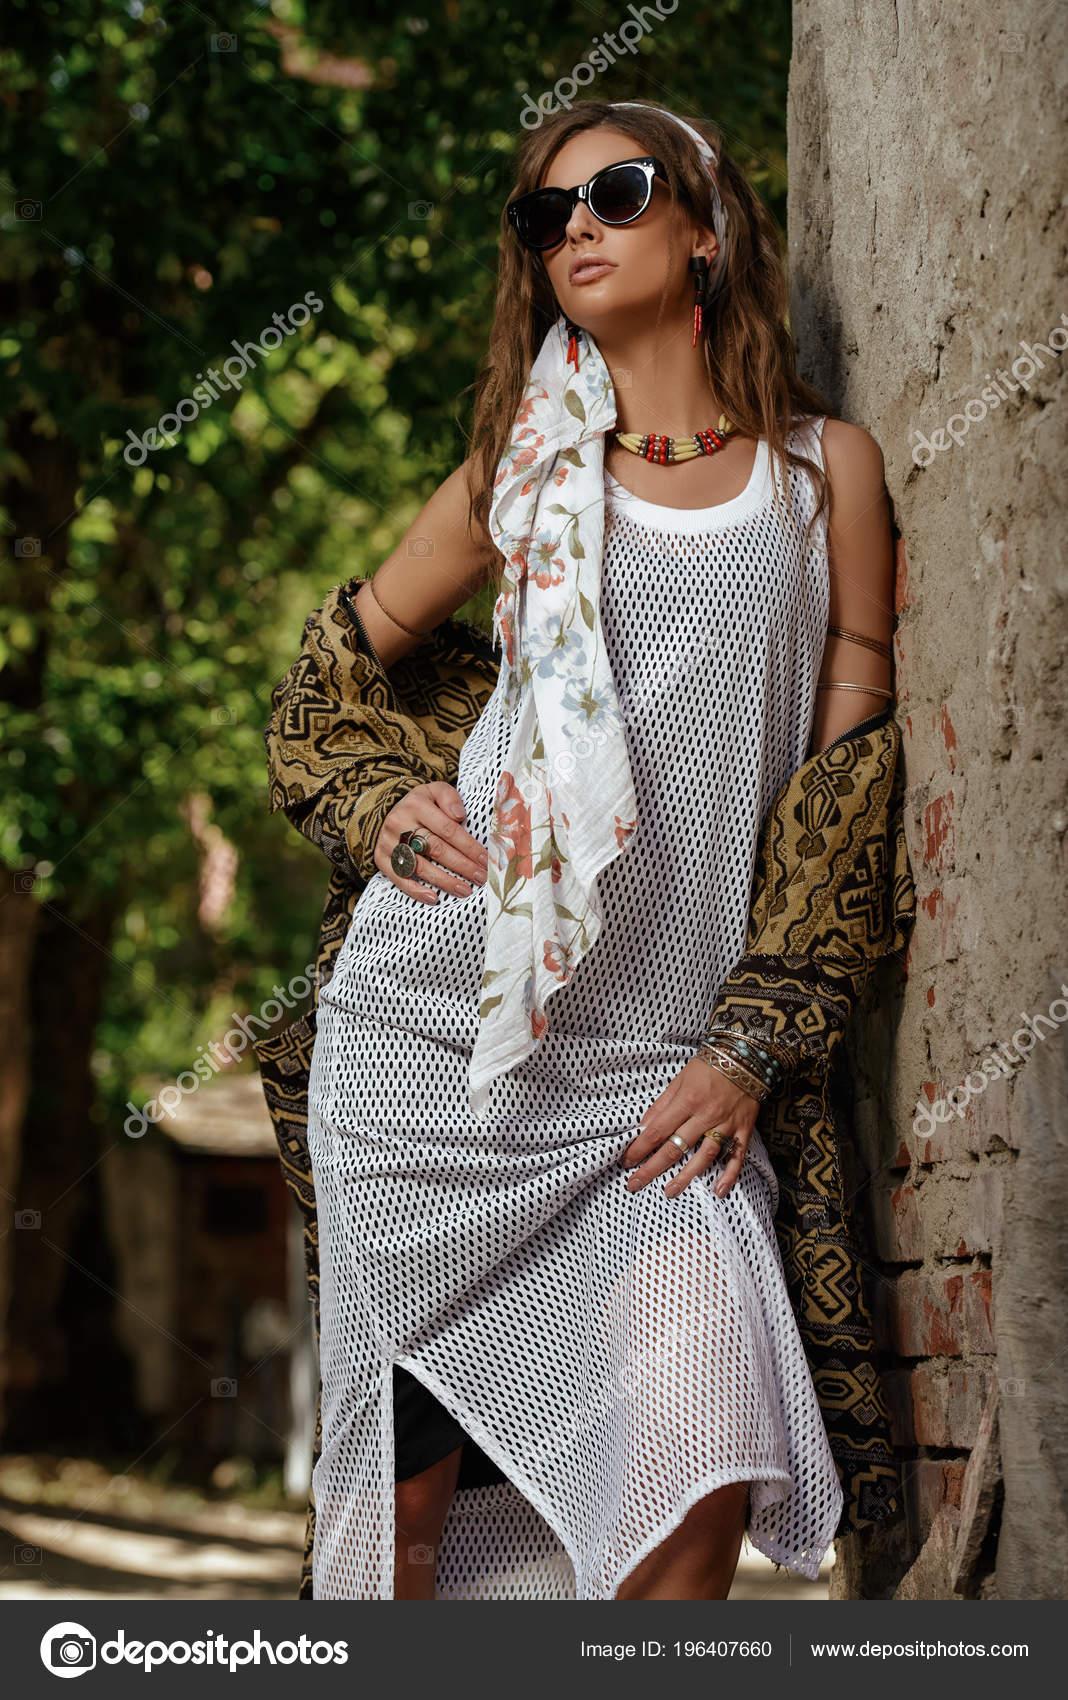 61d30627379a Θηλυκό Στυλ Γυναικεία Μόδα Μοντέλο Ποζάρει Boho Στυλ Ρούχα Έναν– εικόνα  αρχείου